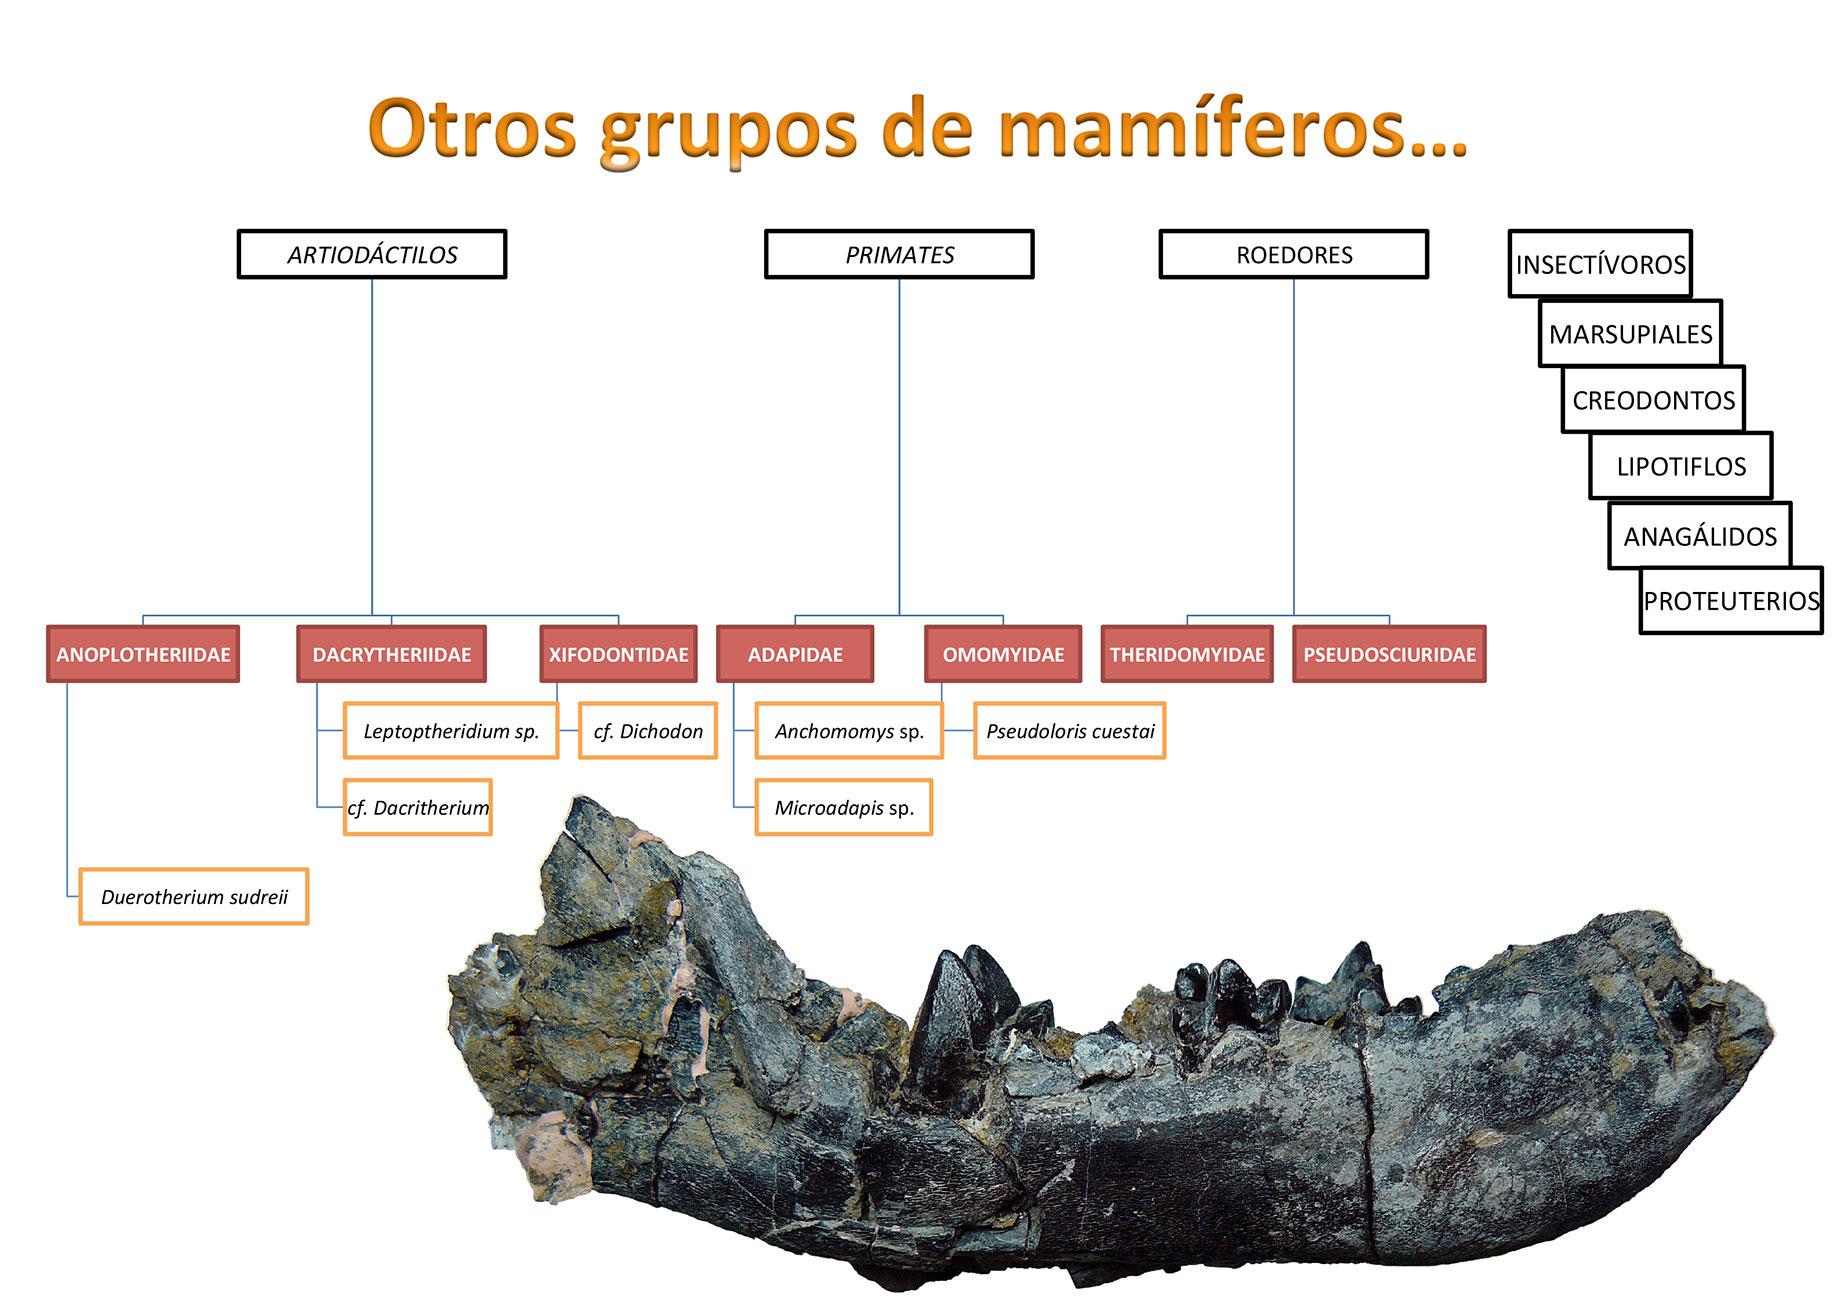 Otros grupos de mamíferos hallados en el Eoceno de la Cuenca del Duero